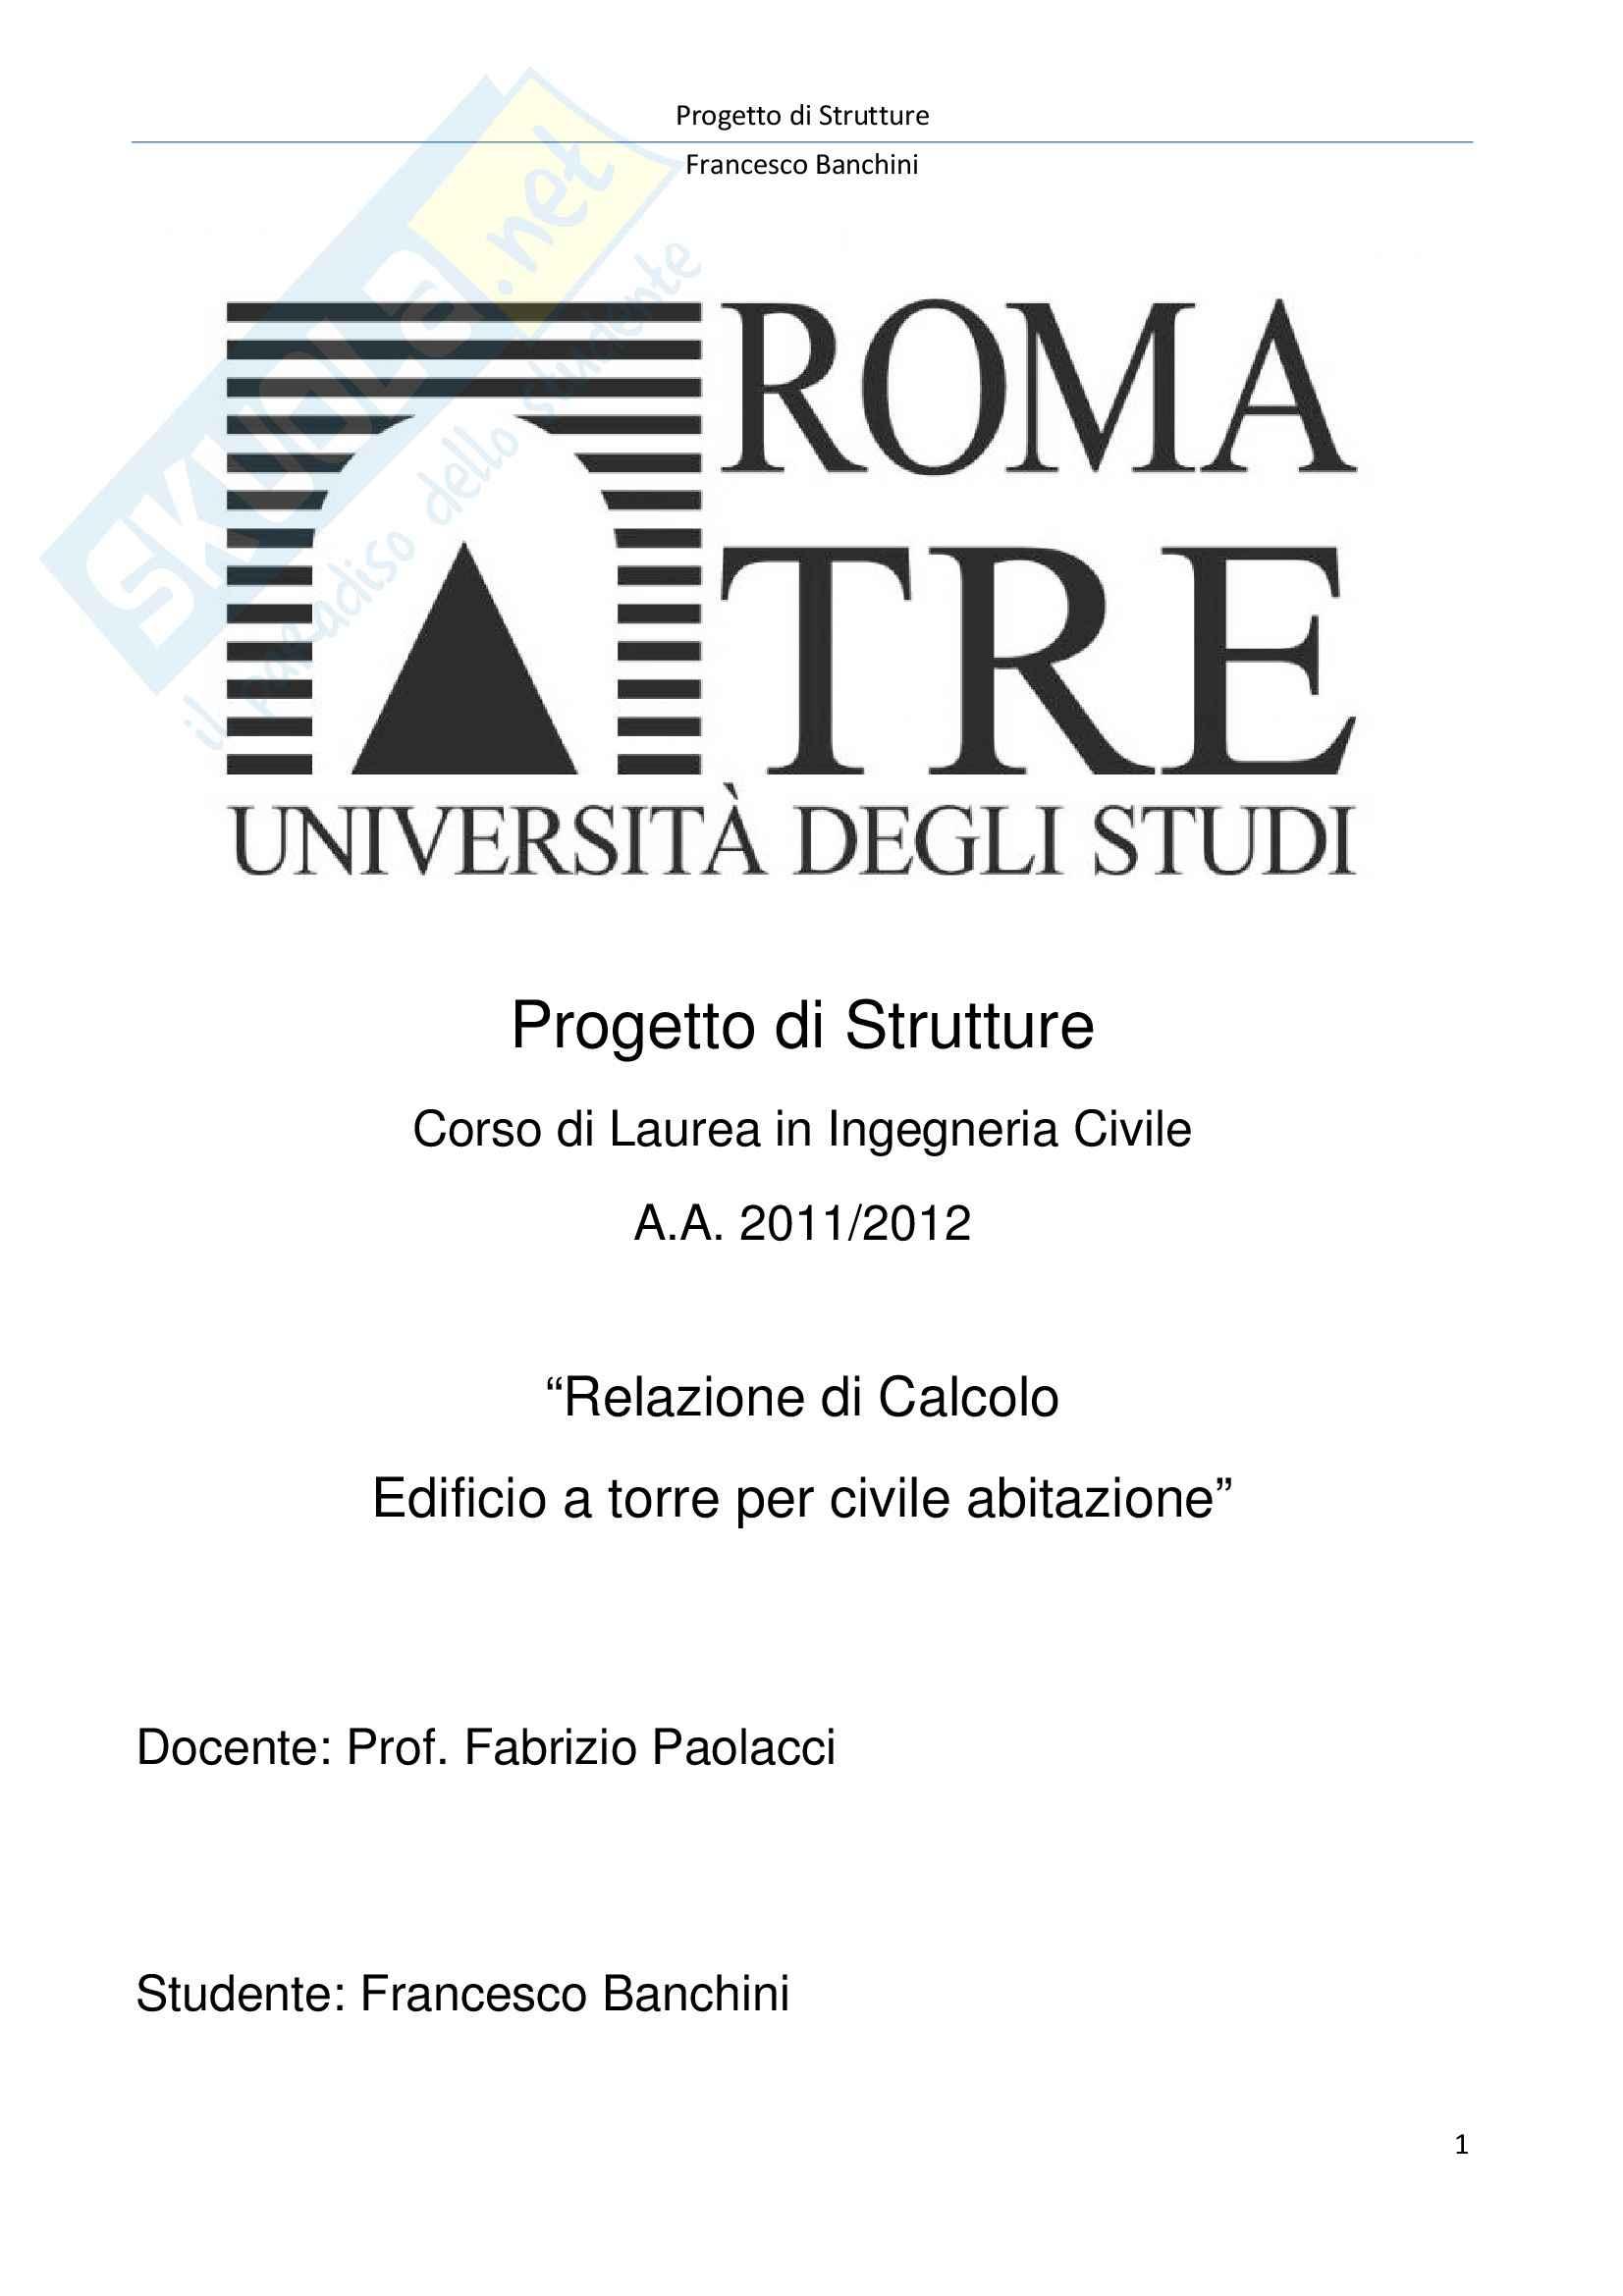 Prog. Strutture-Relazione di calcolo, Progetto di strutture